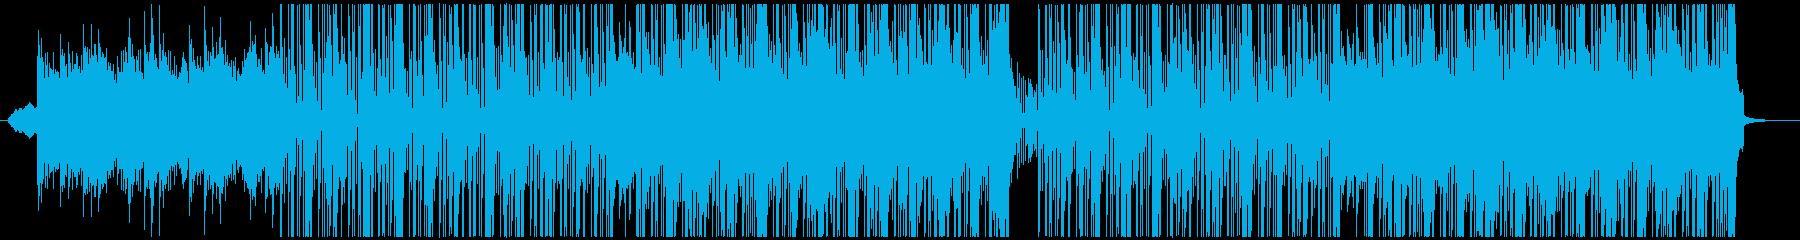 洋楽、チルアウト、R&Bトラック♫の再生済みの波形